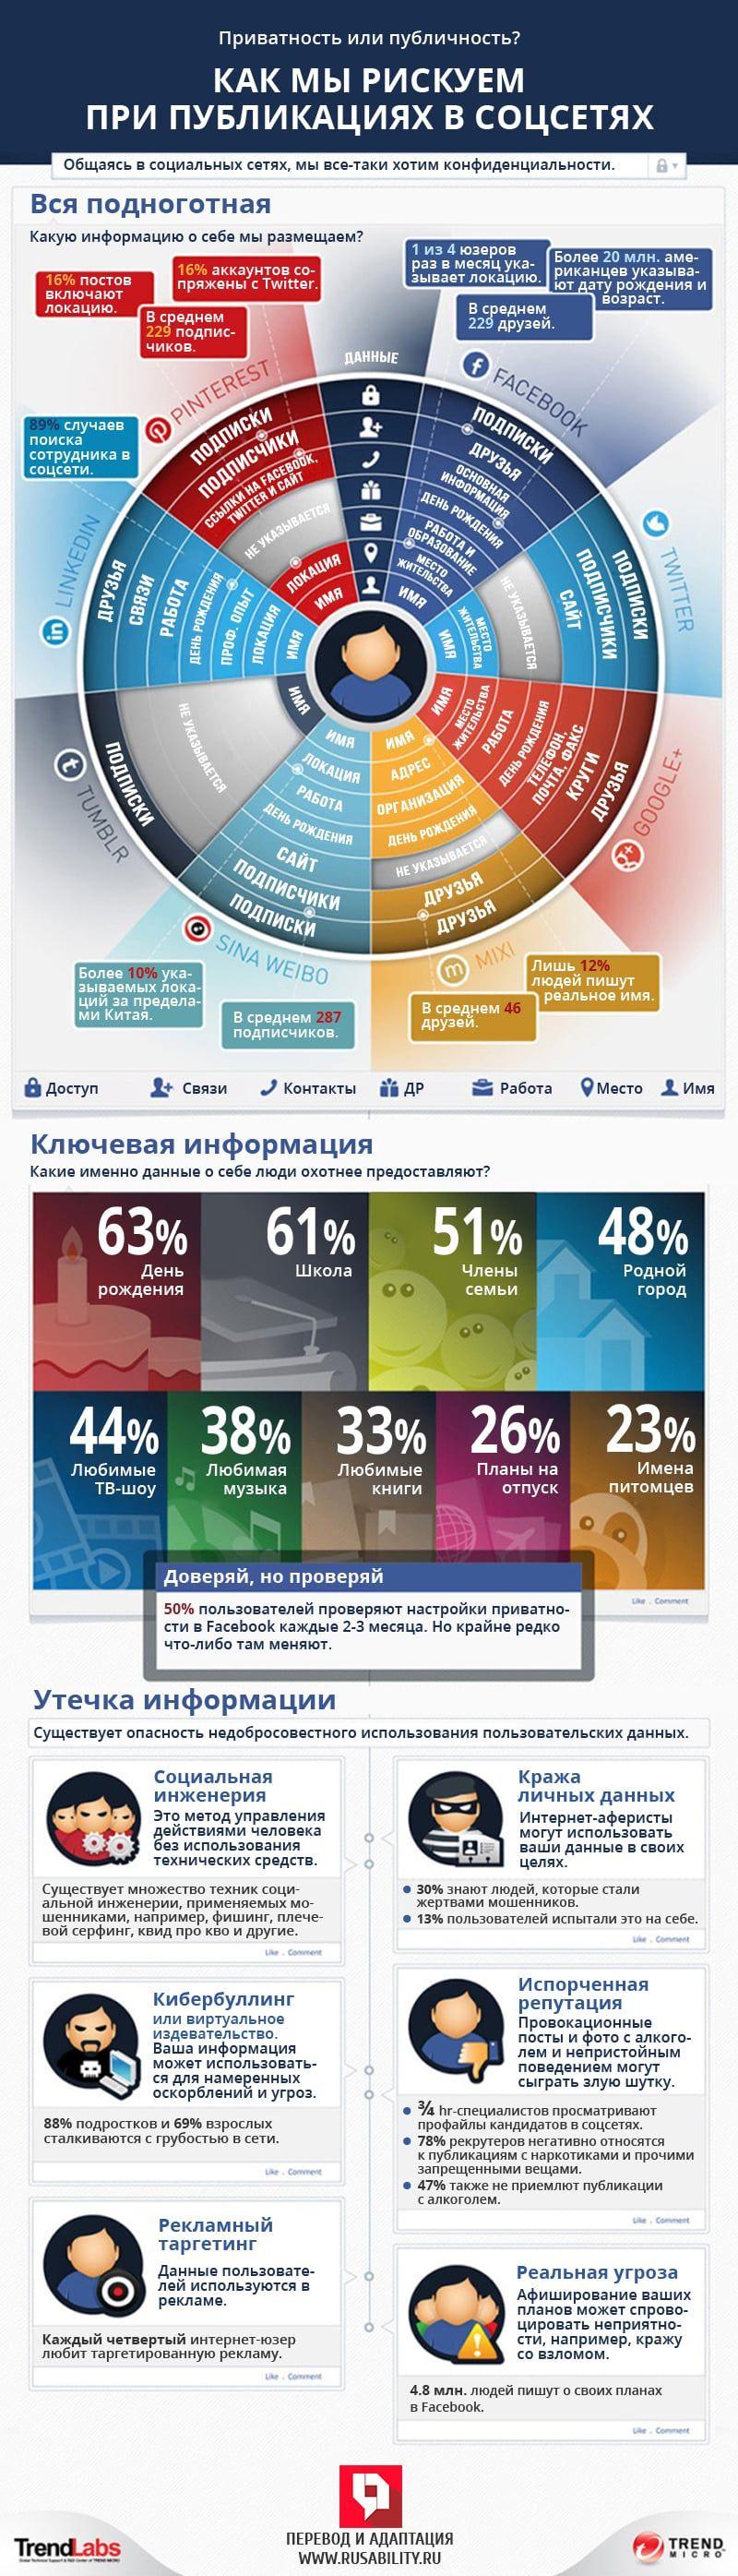 Личные данные в соцсетях: безопасность и риски. Инфографика